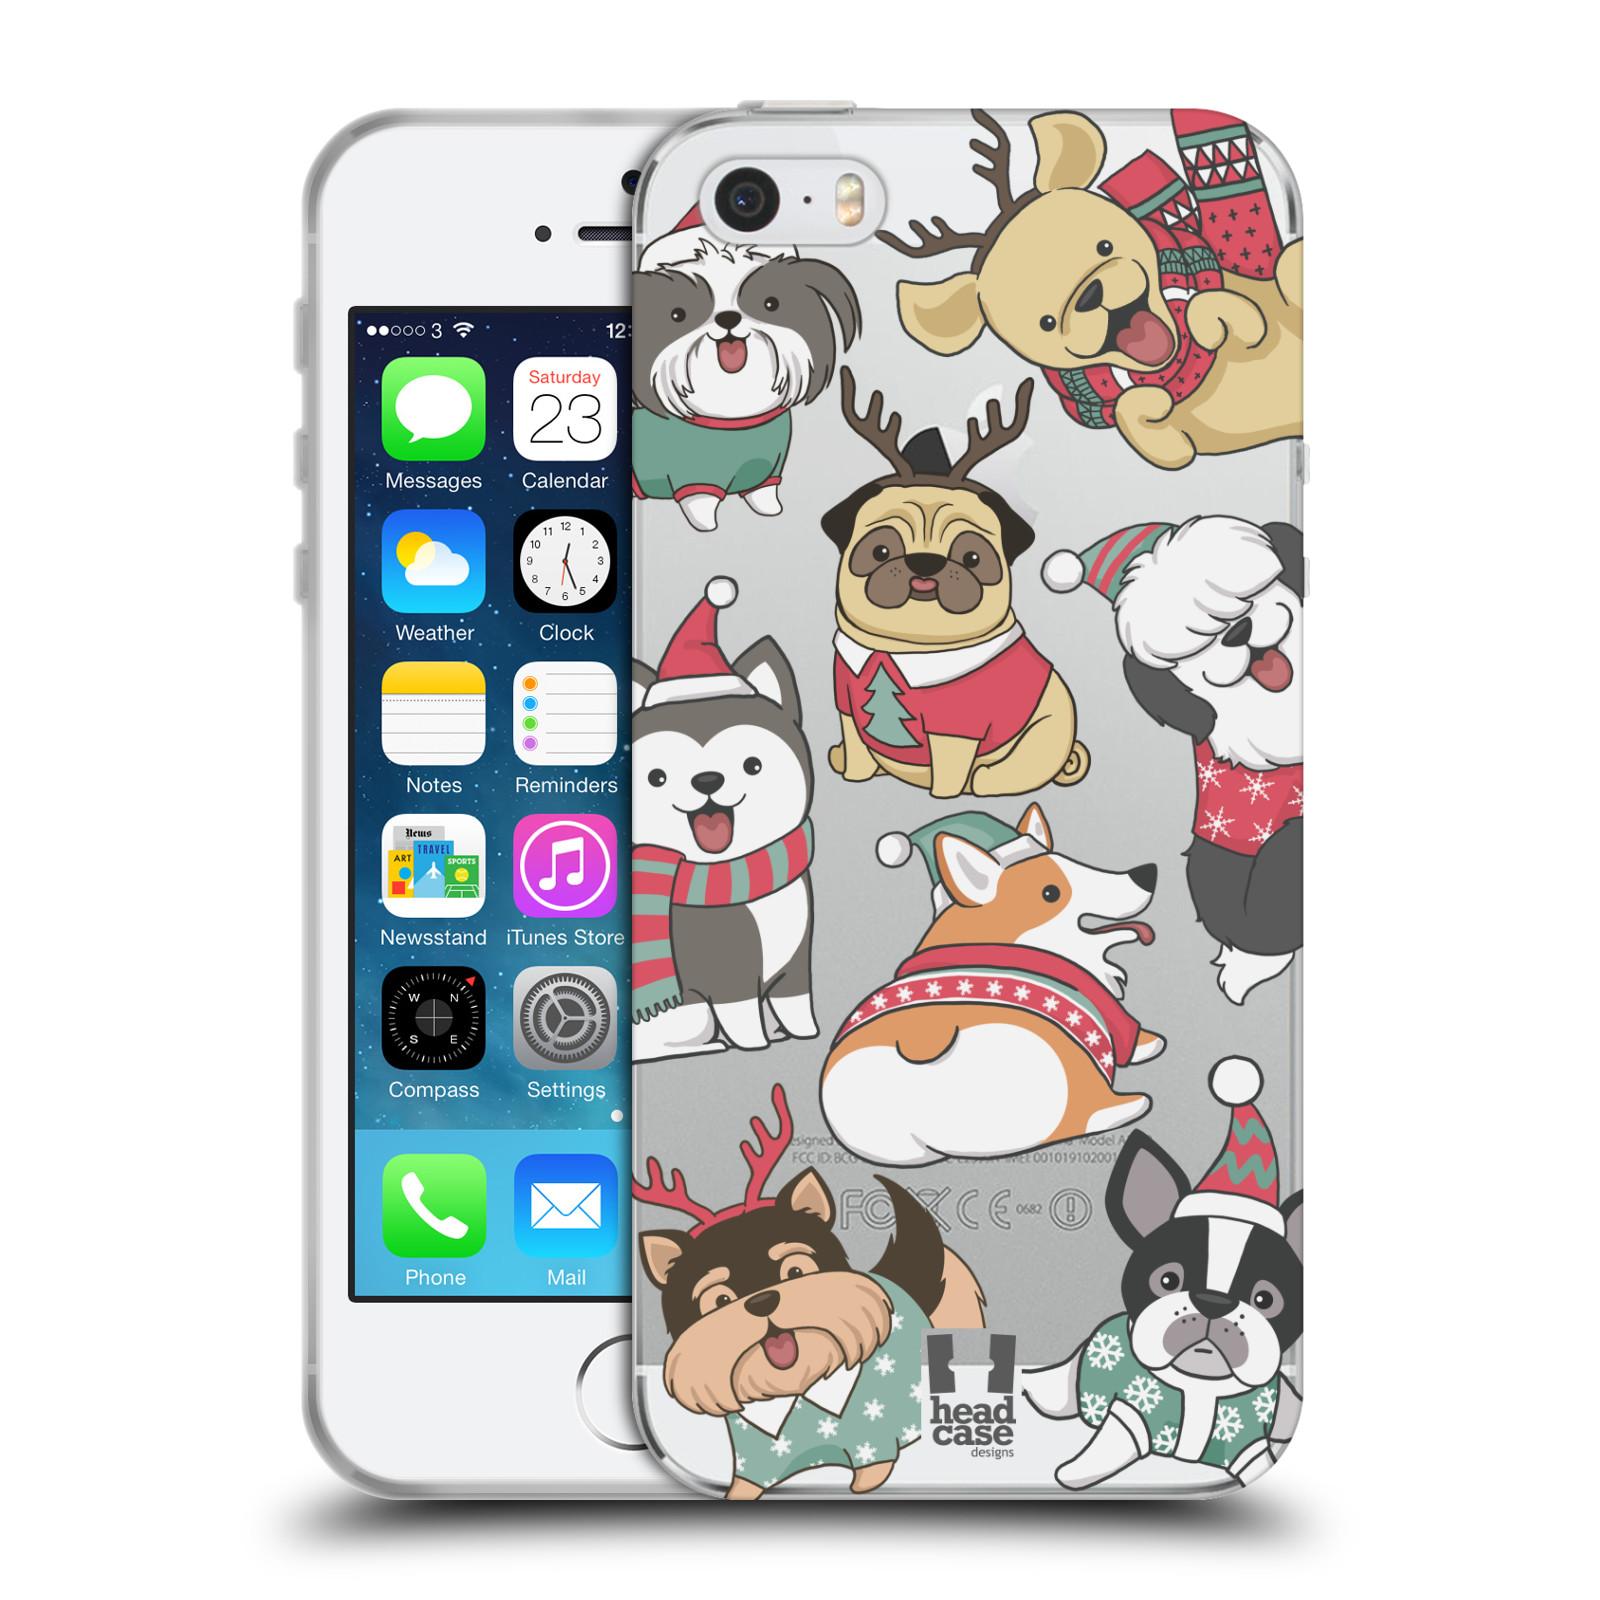 Silikonové pouzdro na mobil Apple iPhone 5, 5S, SE - Head Case - Vánoční pejsci